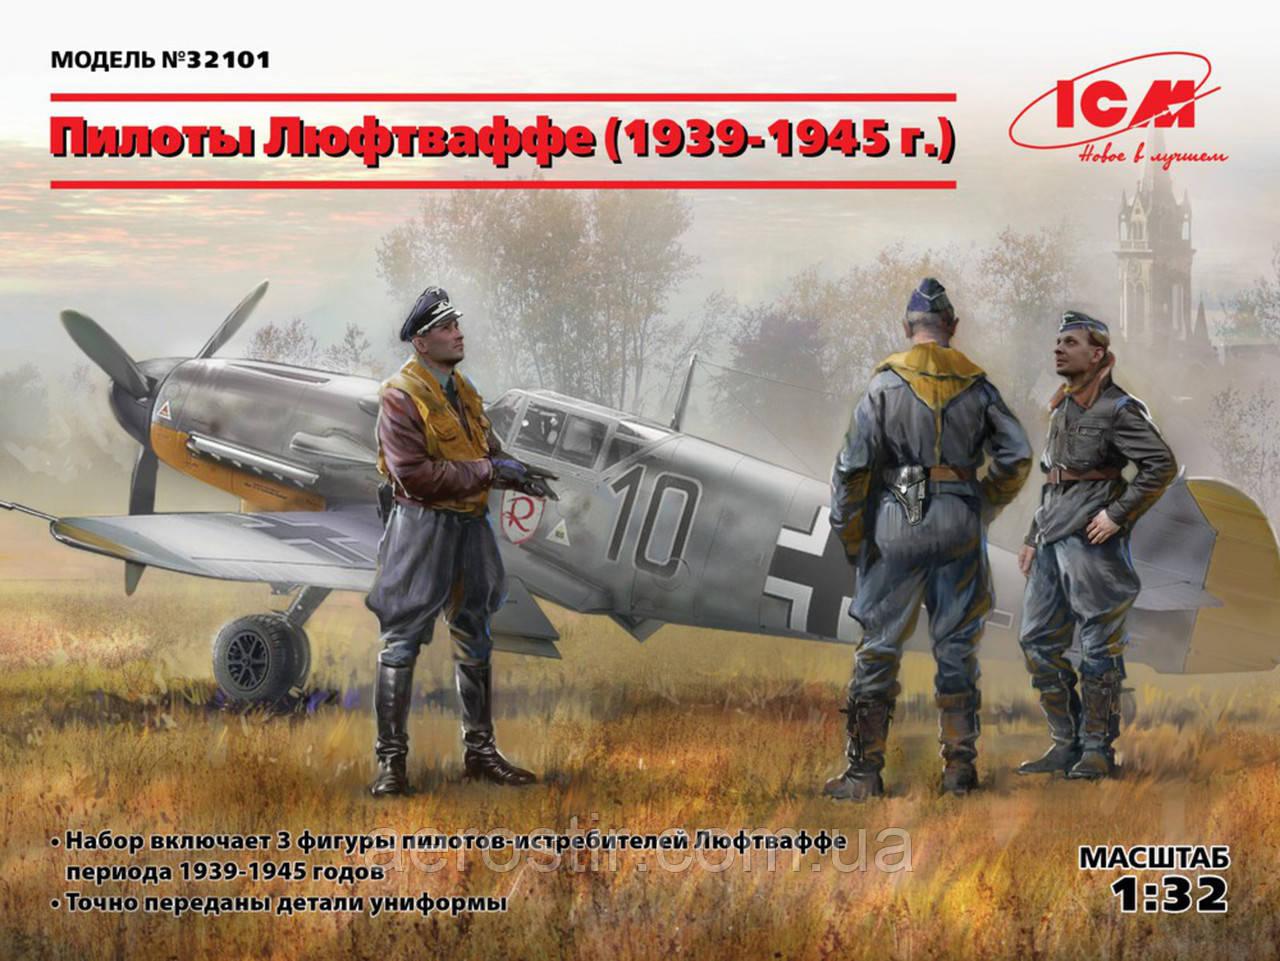 Пилоты Люфтваффе (1939-1945 г.) 1/32 ICM 32101